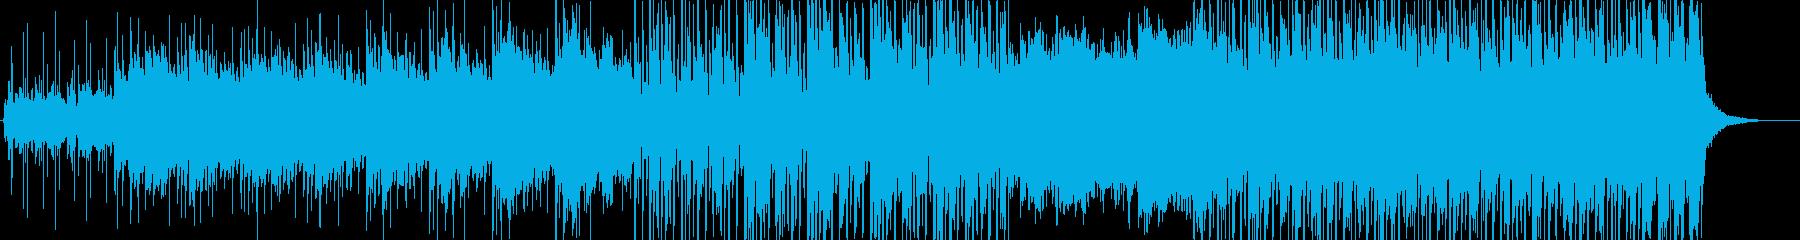 静かな悲しみのあるヒーリングミュージックの再生済みの波形